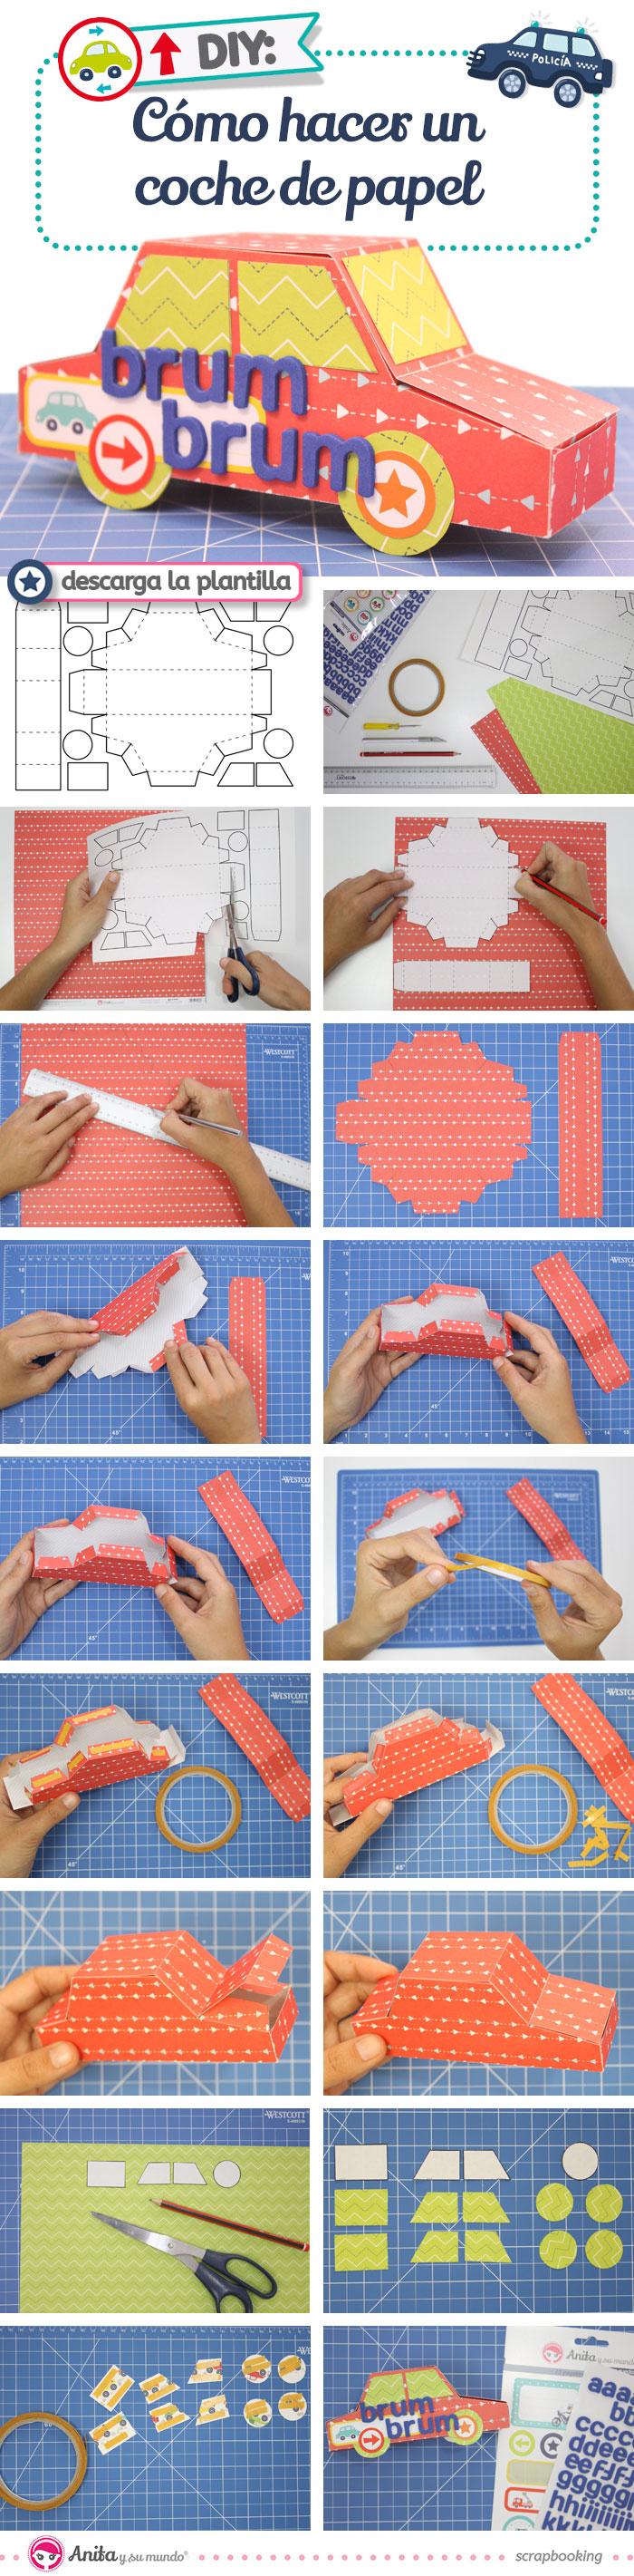 Diy caja regalo con forma de coche de papel paso a paso - Papel de regalo original ...